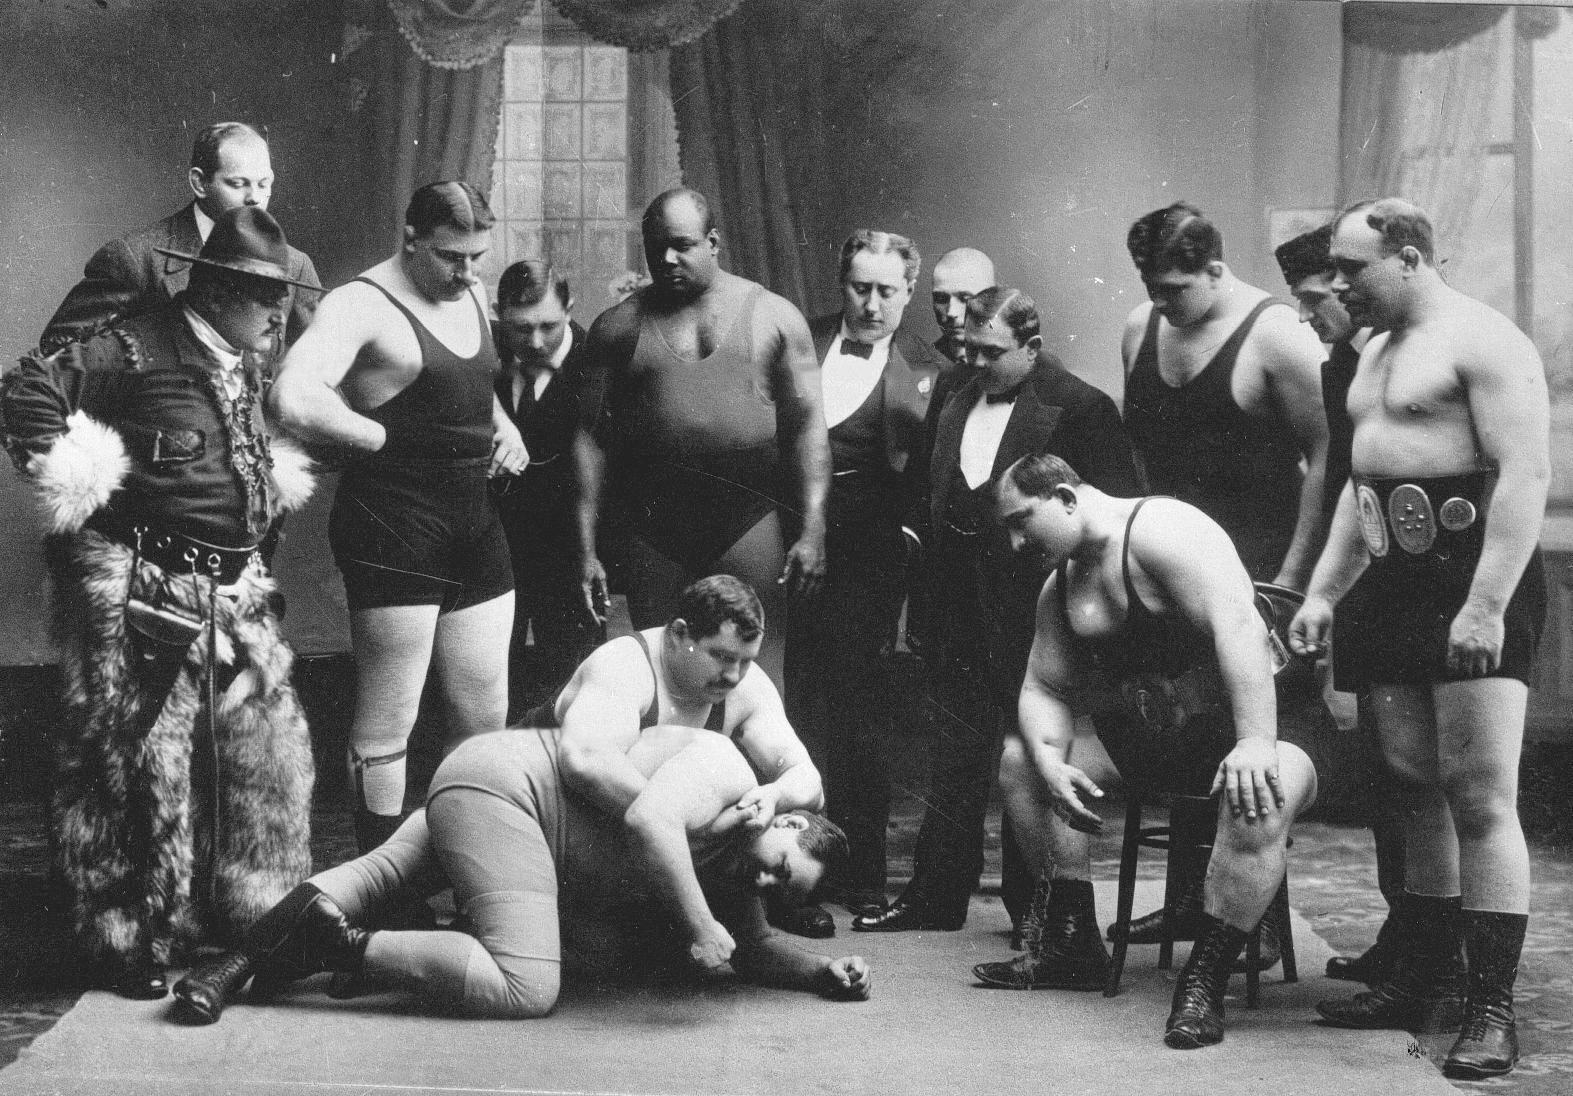 Группа участников чемпионата наблюдает за схваткой двух борцов